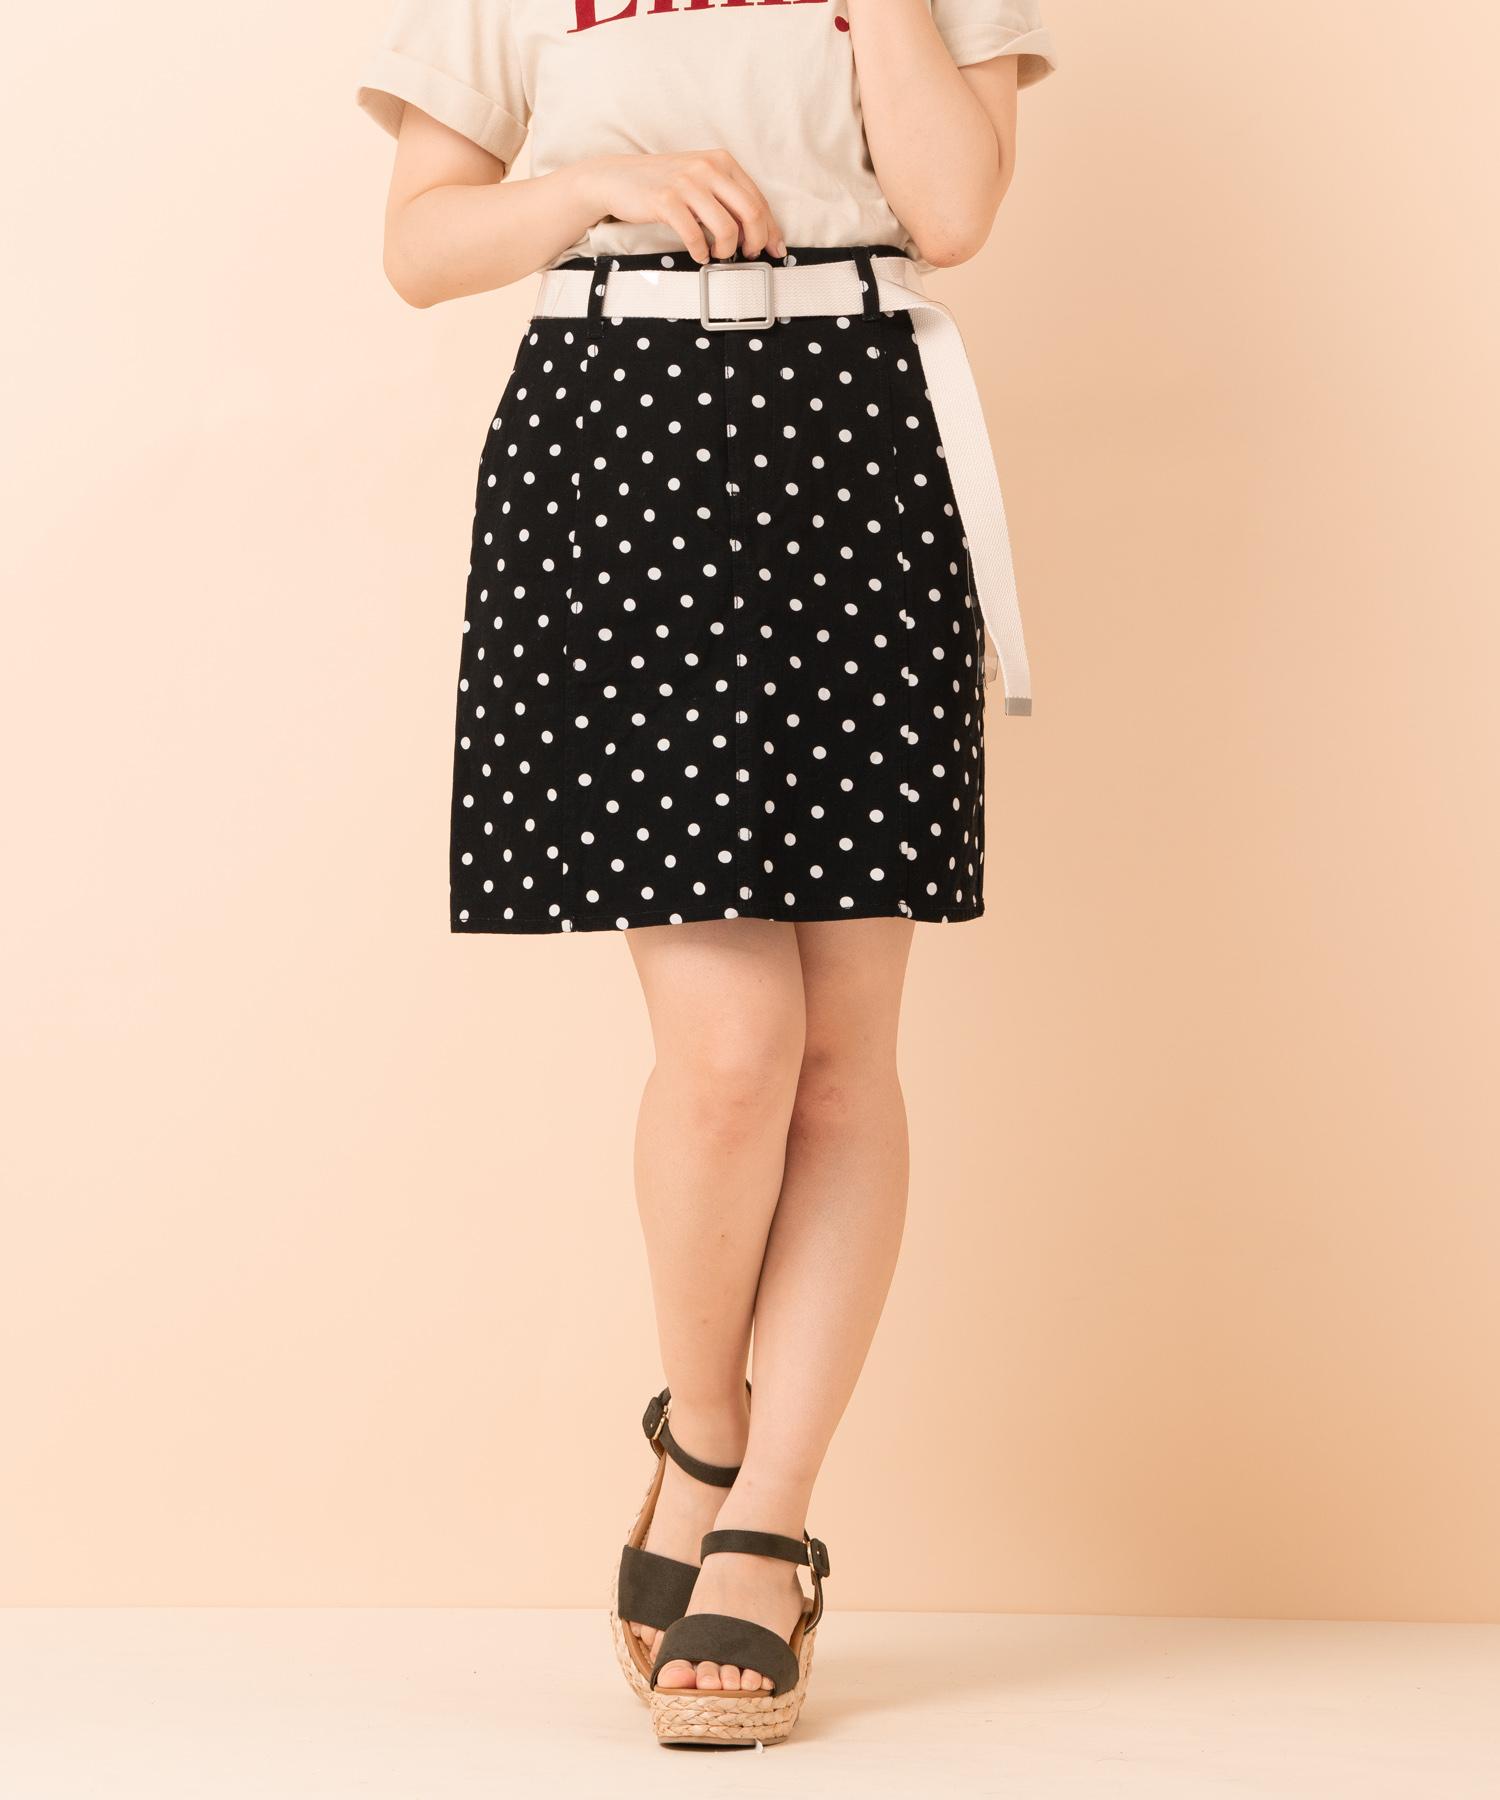 クリアベルト付台形スカート